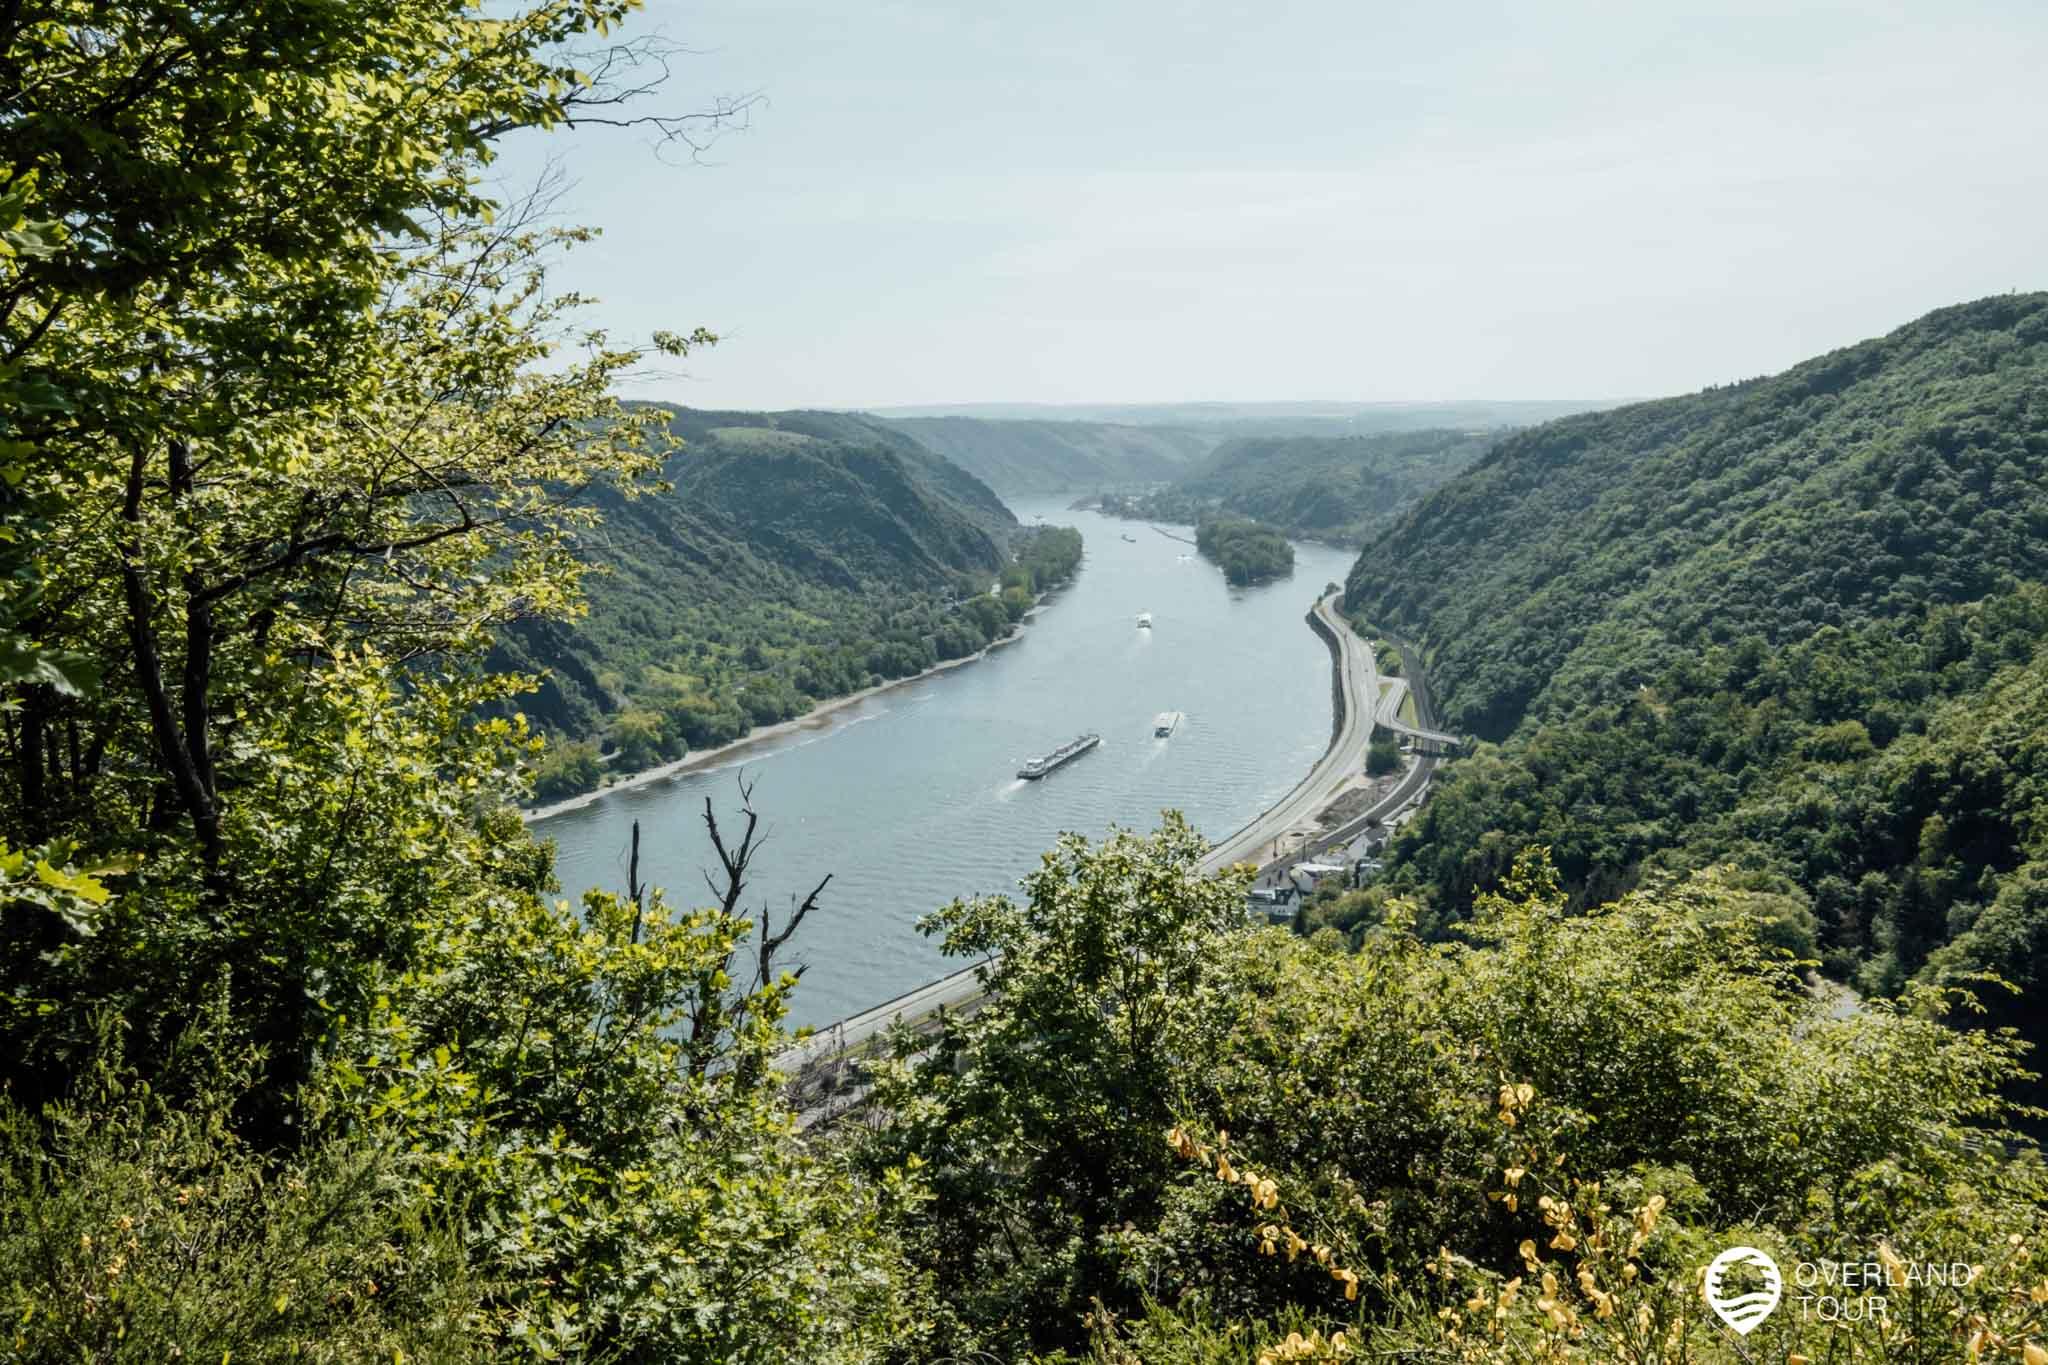 Es gibt über ein Dutzend Aussichtspunkte auf der Traumschleife Rheingold